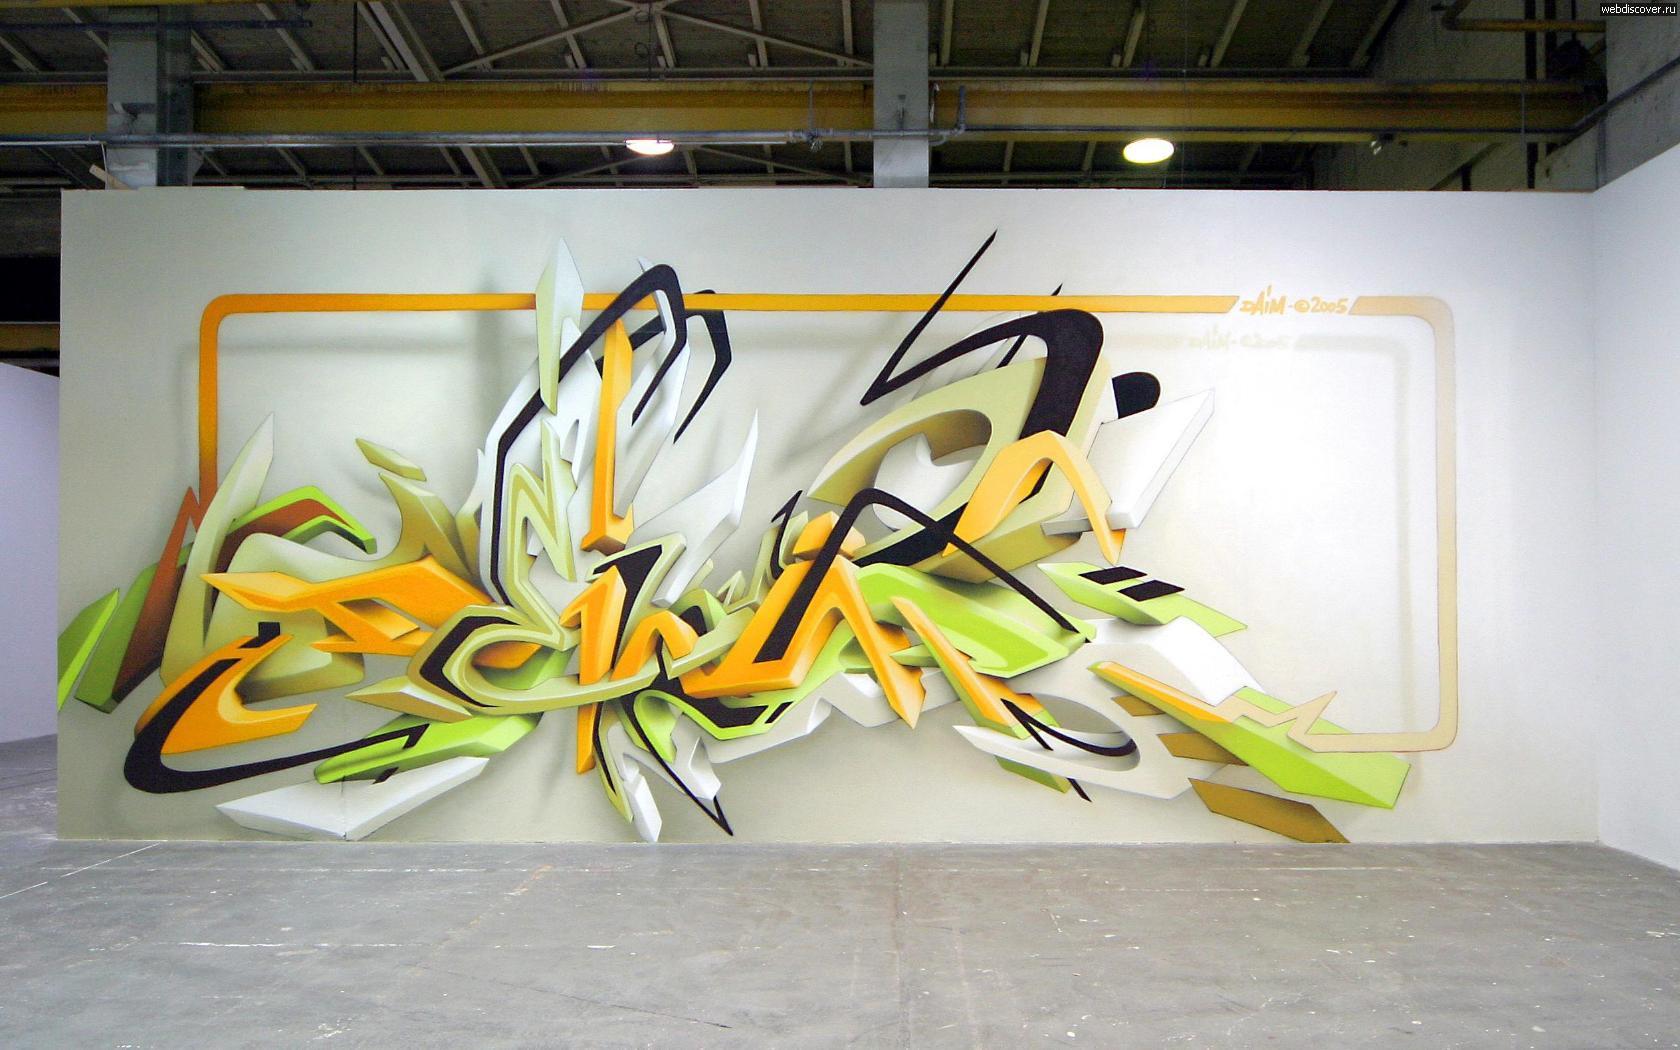 3d граффити в интерьере